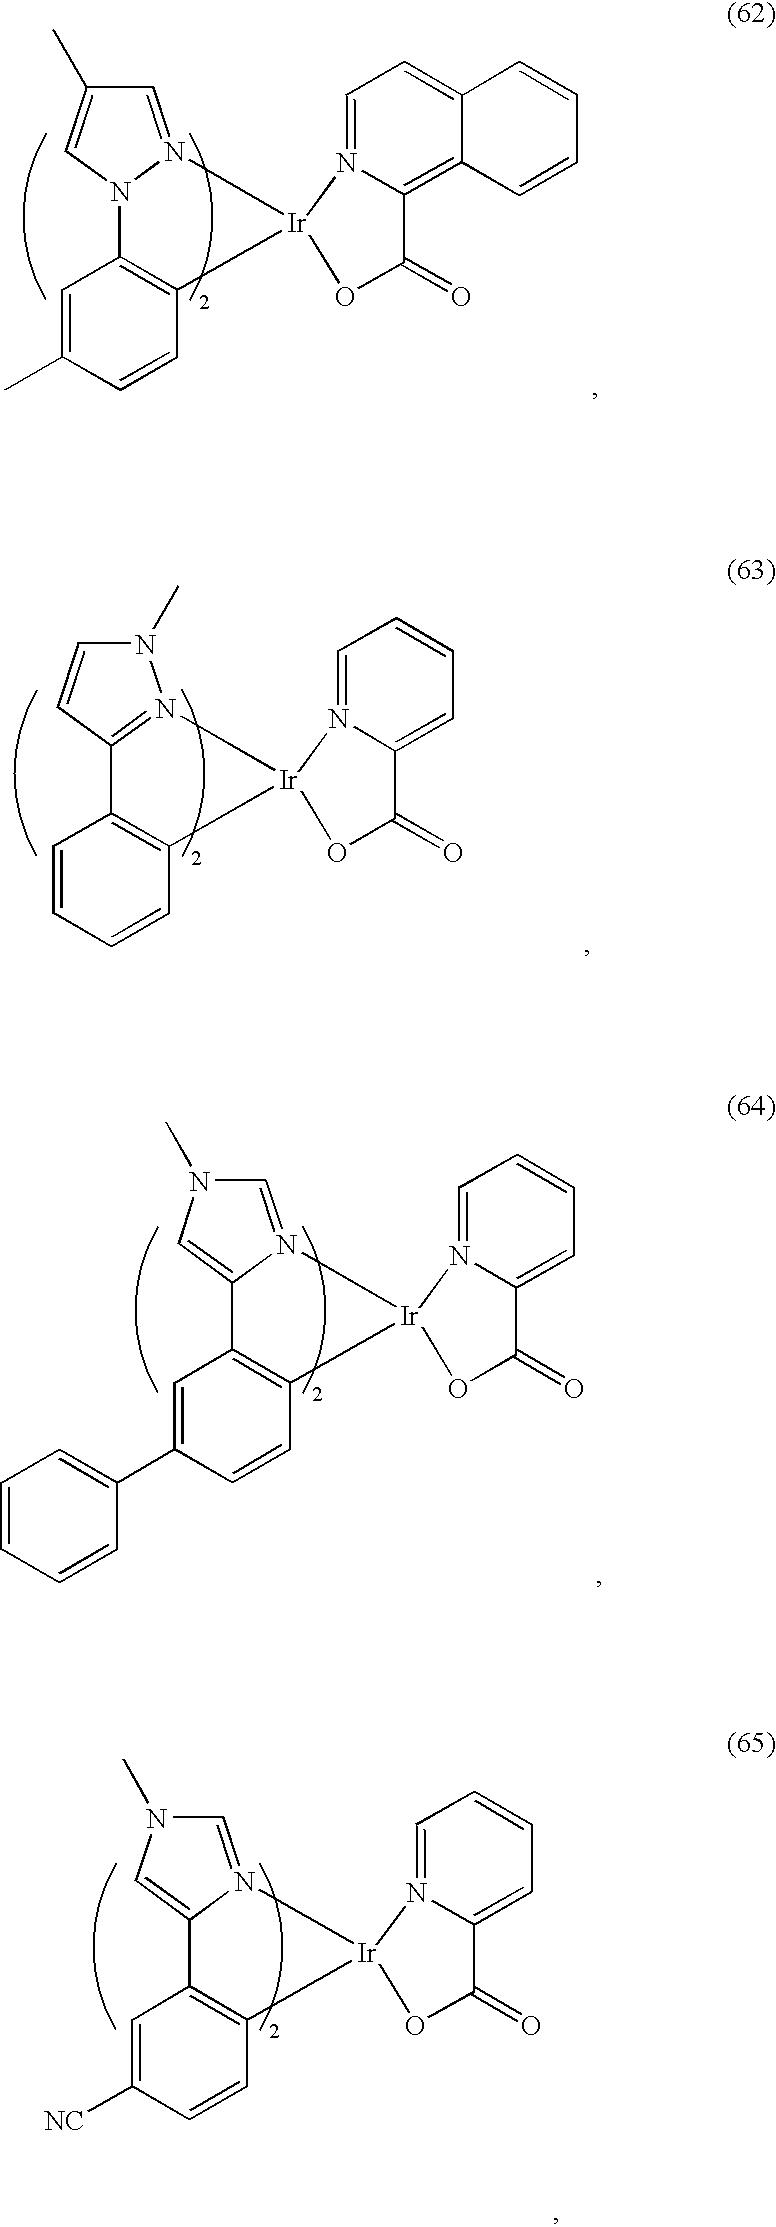 Figure US20050031903A1-20050210-C00026